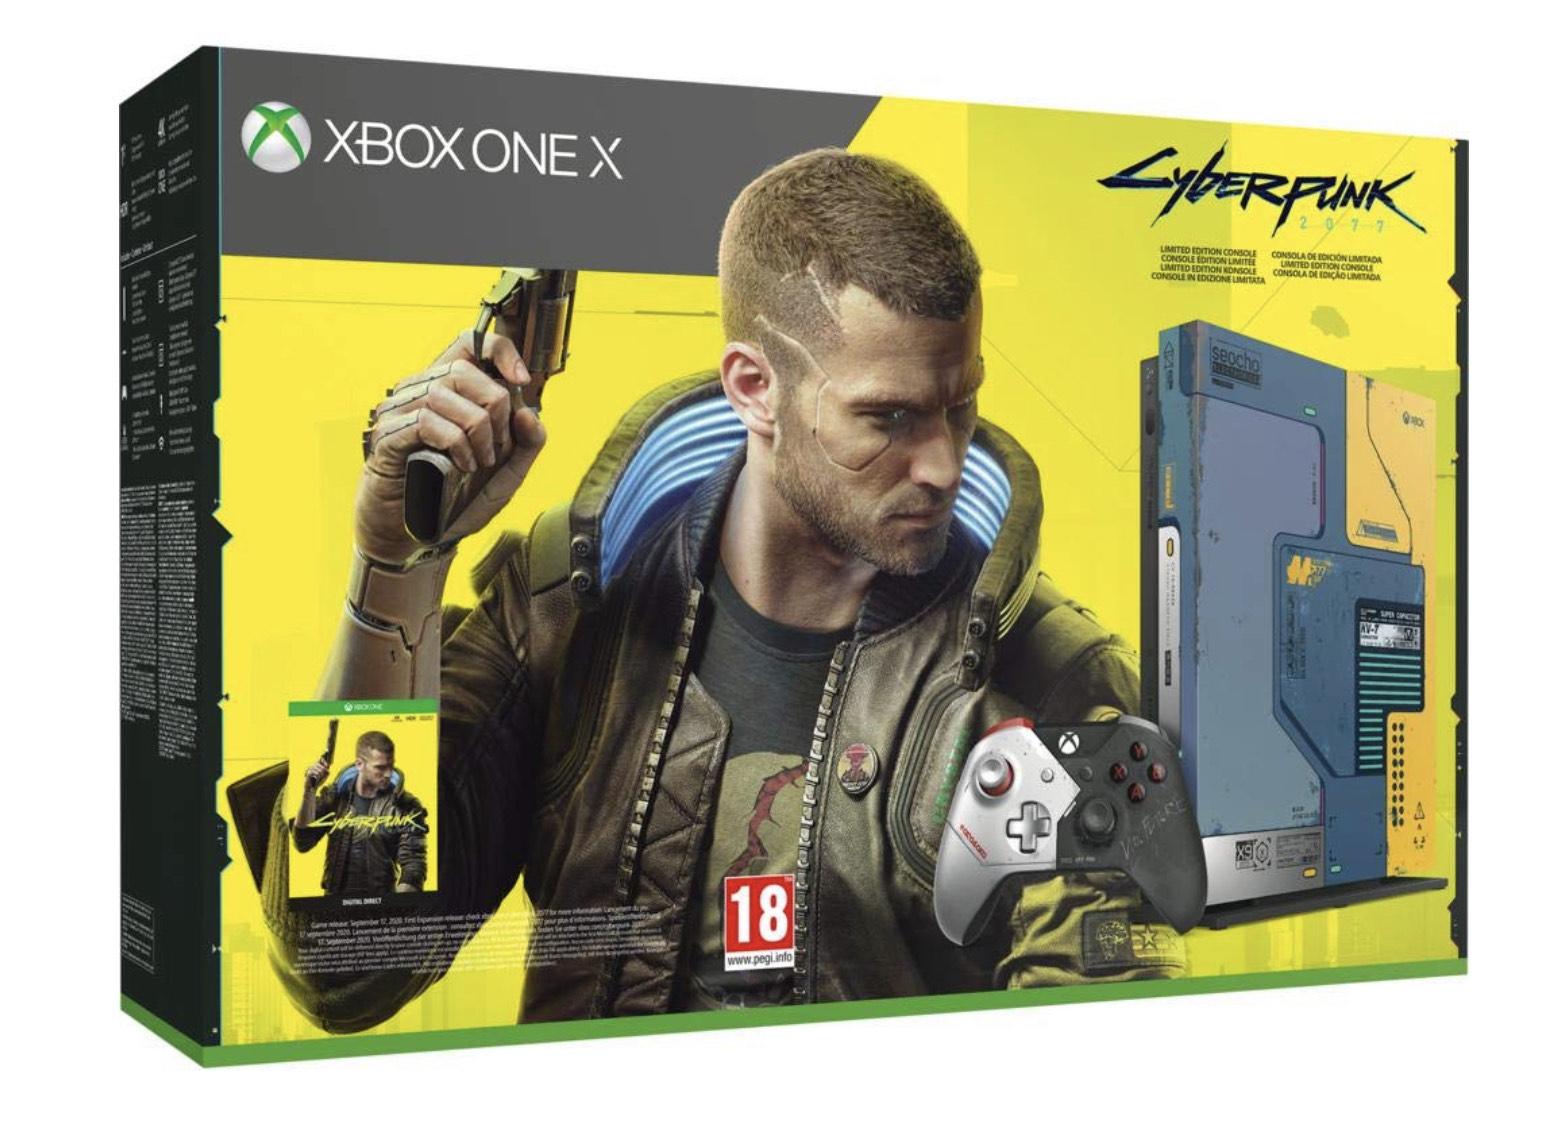 Pack Console Microsoft Xbox One X Edition Limitée - 1To + Cyberpunk 2077 (Dématérialisé)